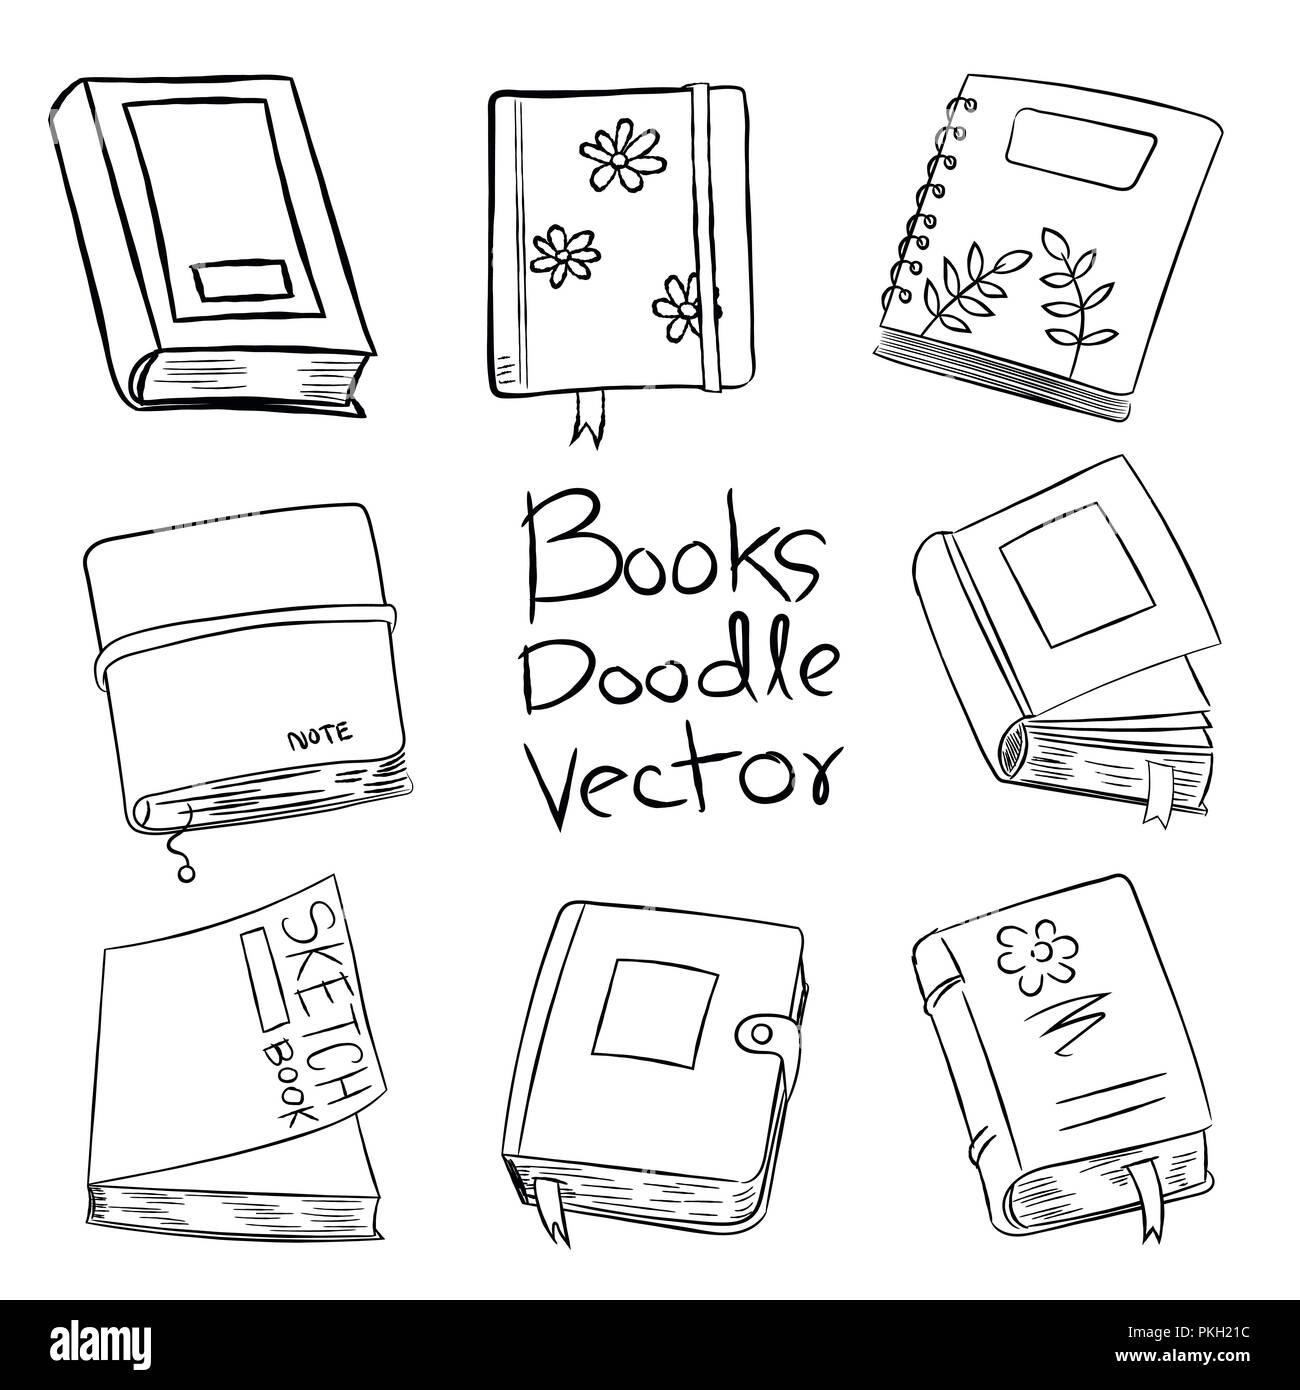 Libri Doodle Vettore Disegnati A Mano Per Il Libro Da Colorare